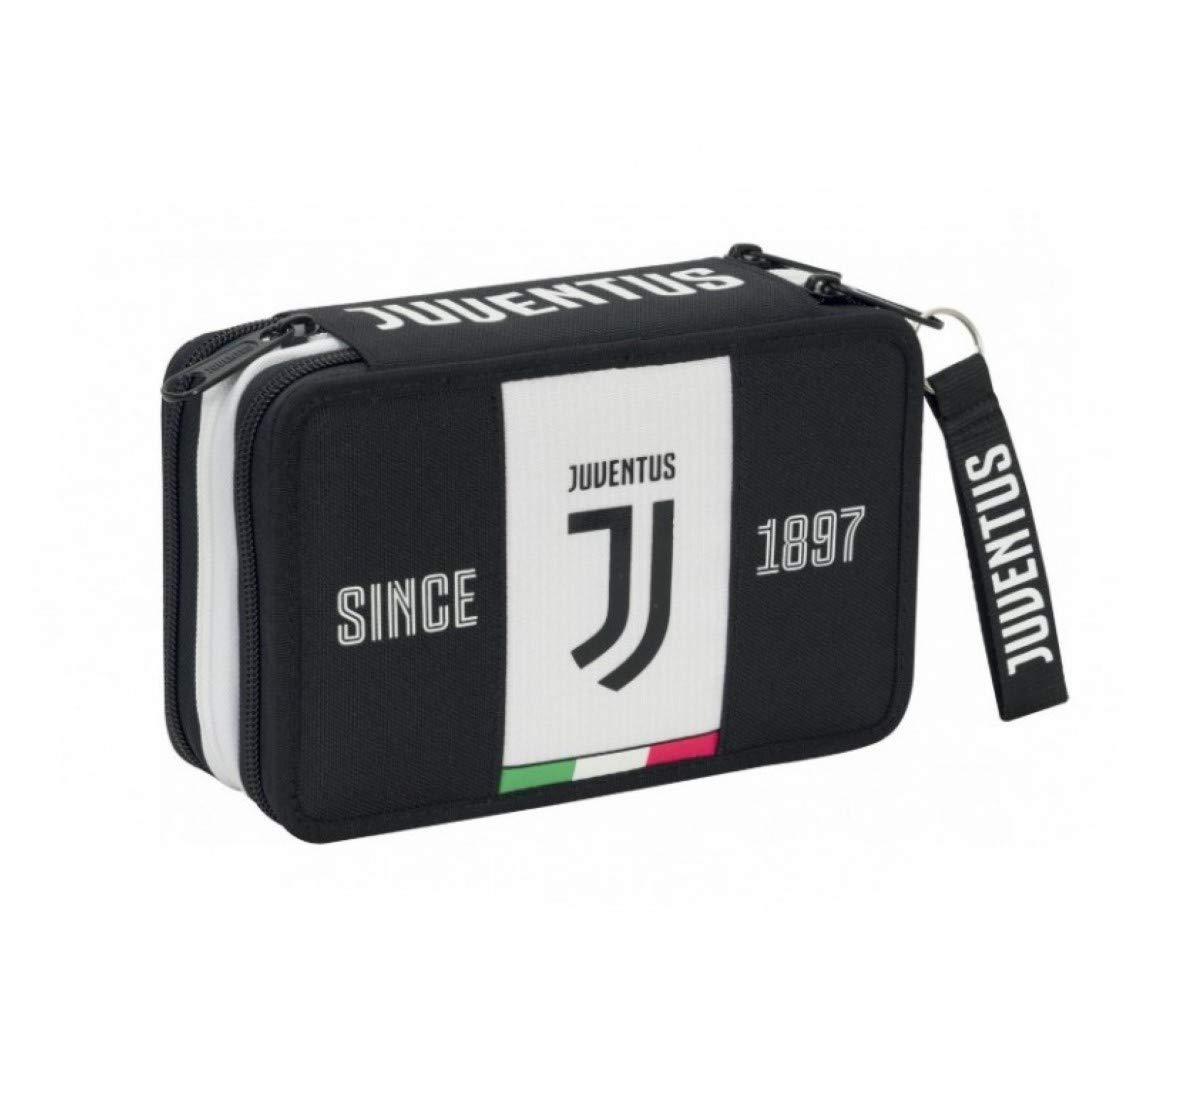 Astuccio 3 Zip Completo Di Cancelleria Juventus 2019-20 Licenza Ufficiale SEVEN SEVEN SPA F.C